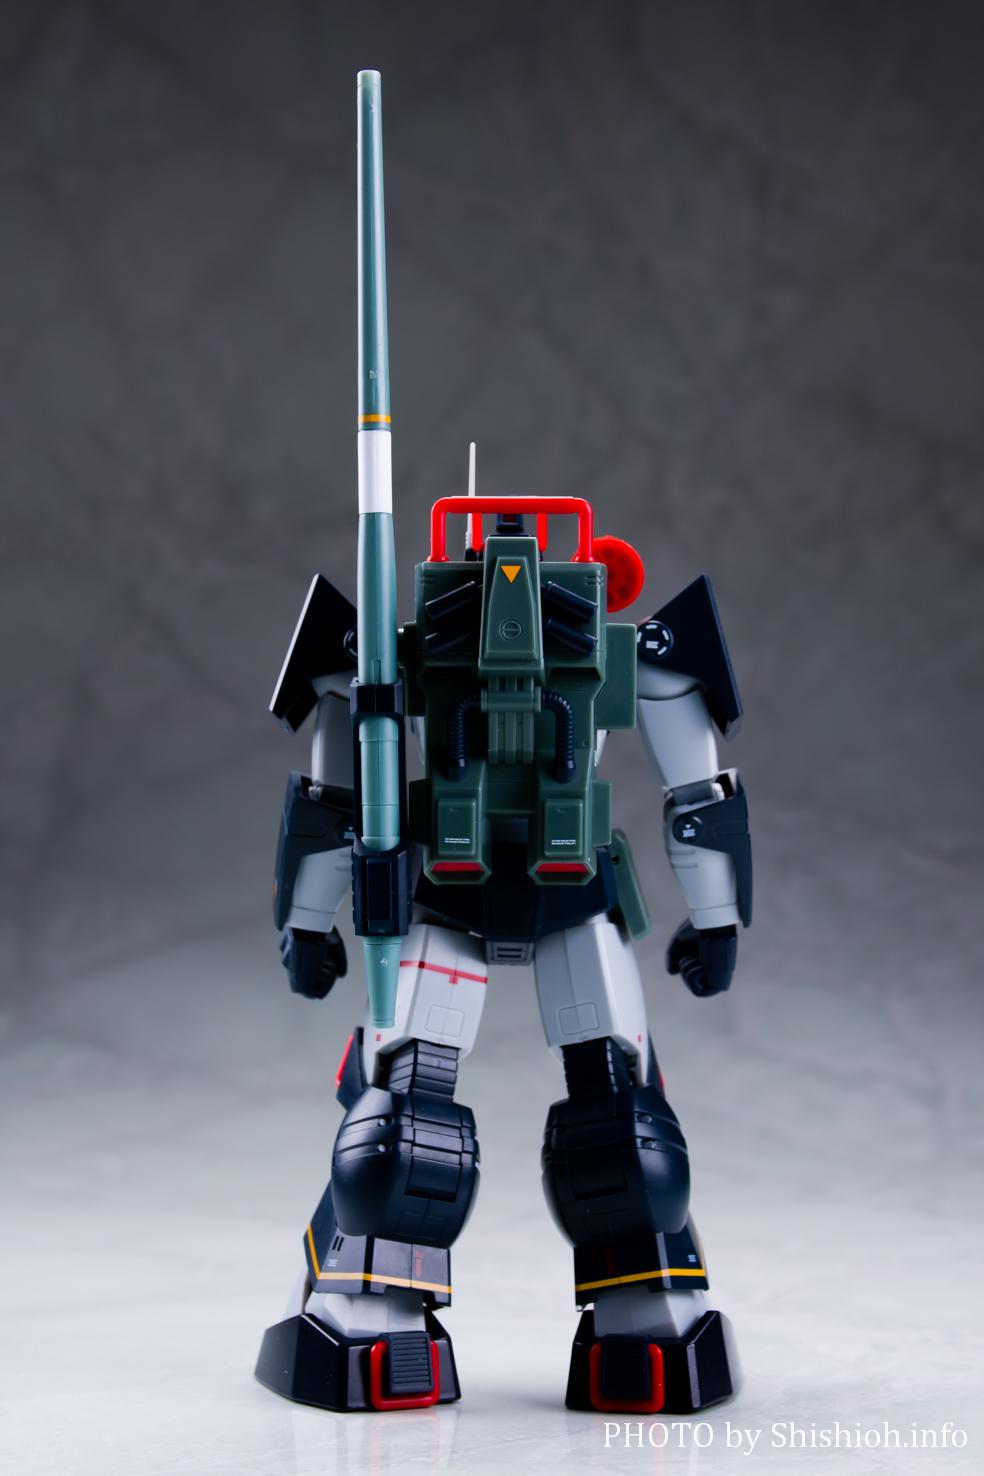 HI-METAL R ダグラム